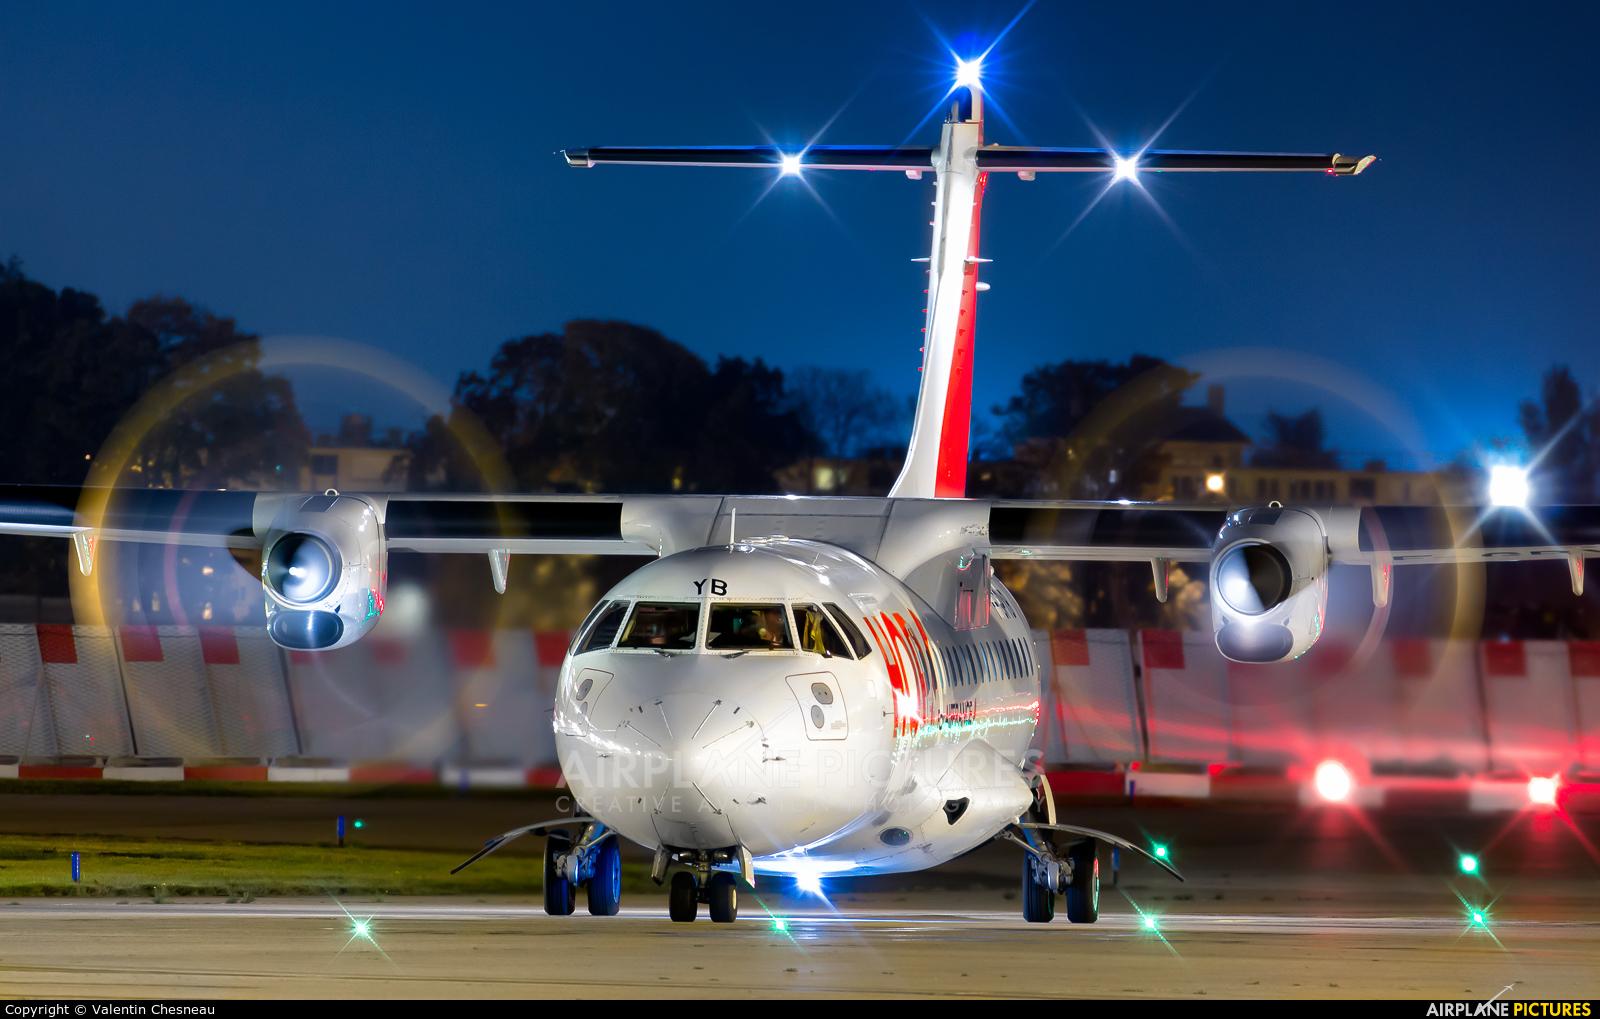 Air France - Hop! F-GPYB aircraft at Paris - Orly